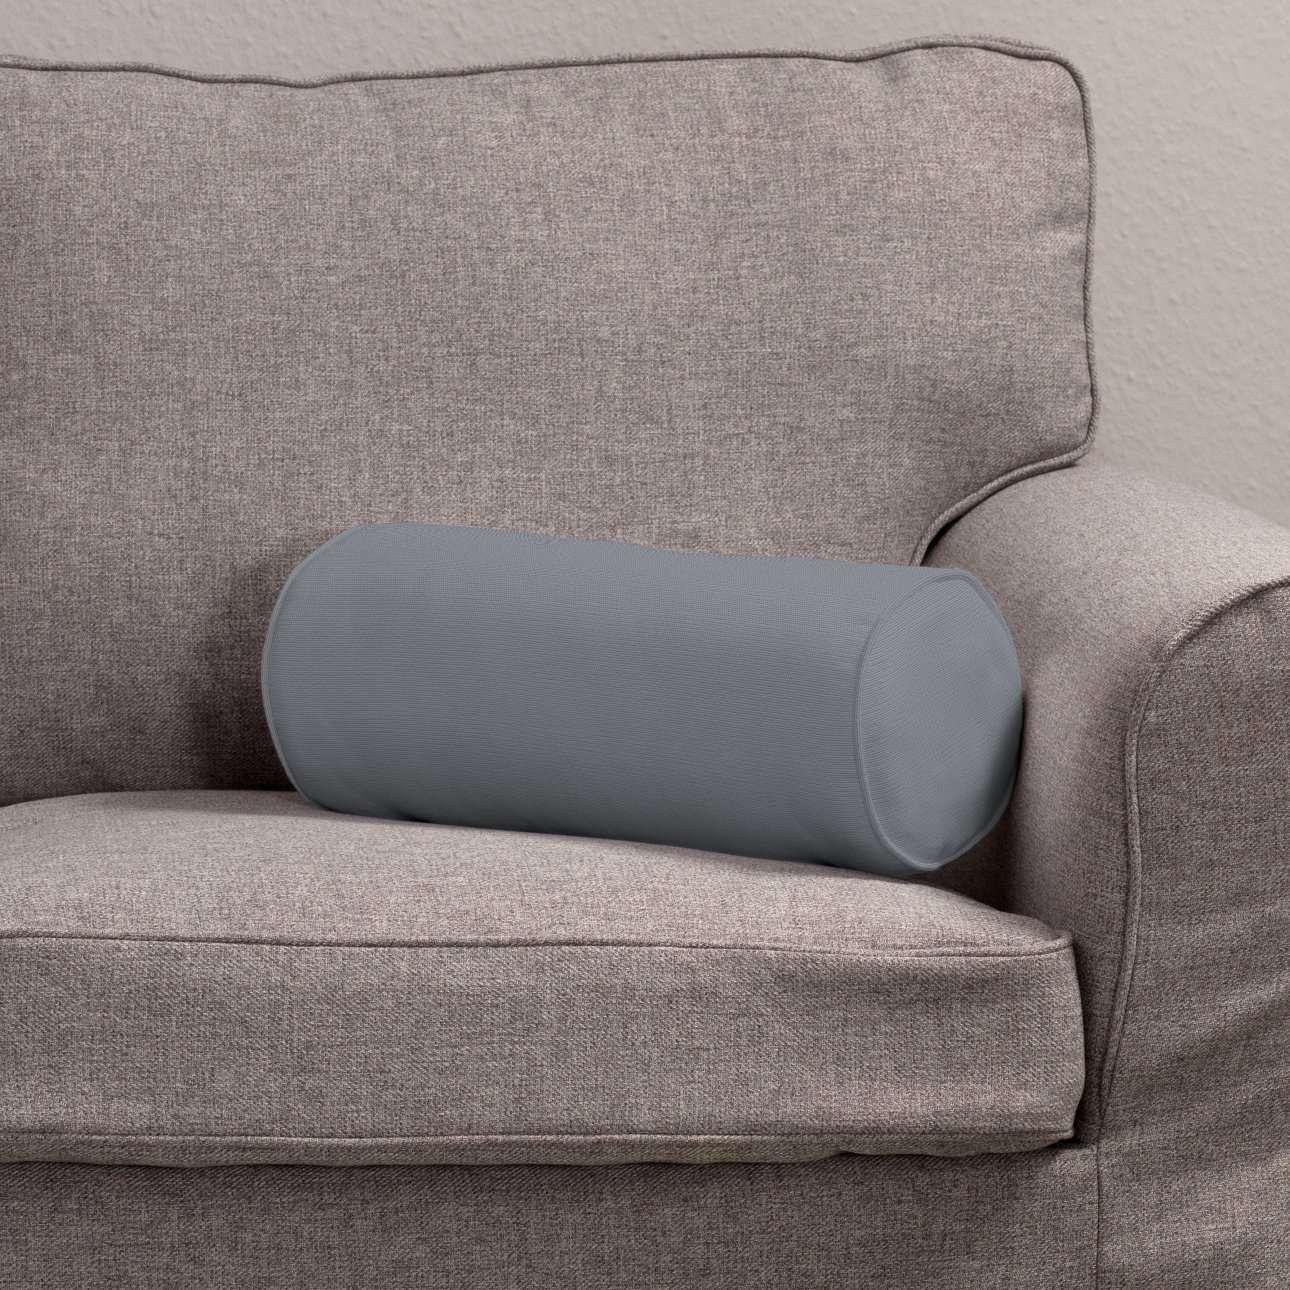 Poduszka wałek prosty Ø 16 x 40 cm w kolekcji Cotton Panama, tkanina: 702-07